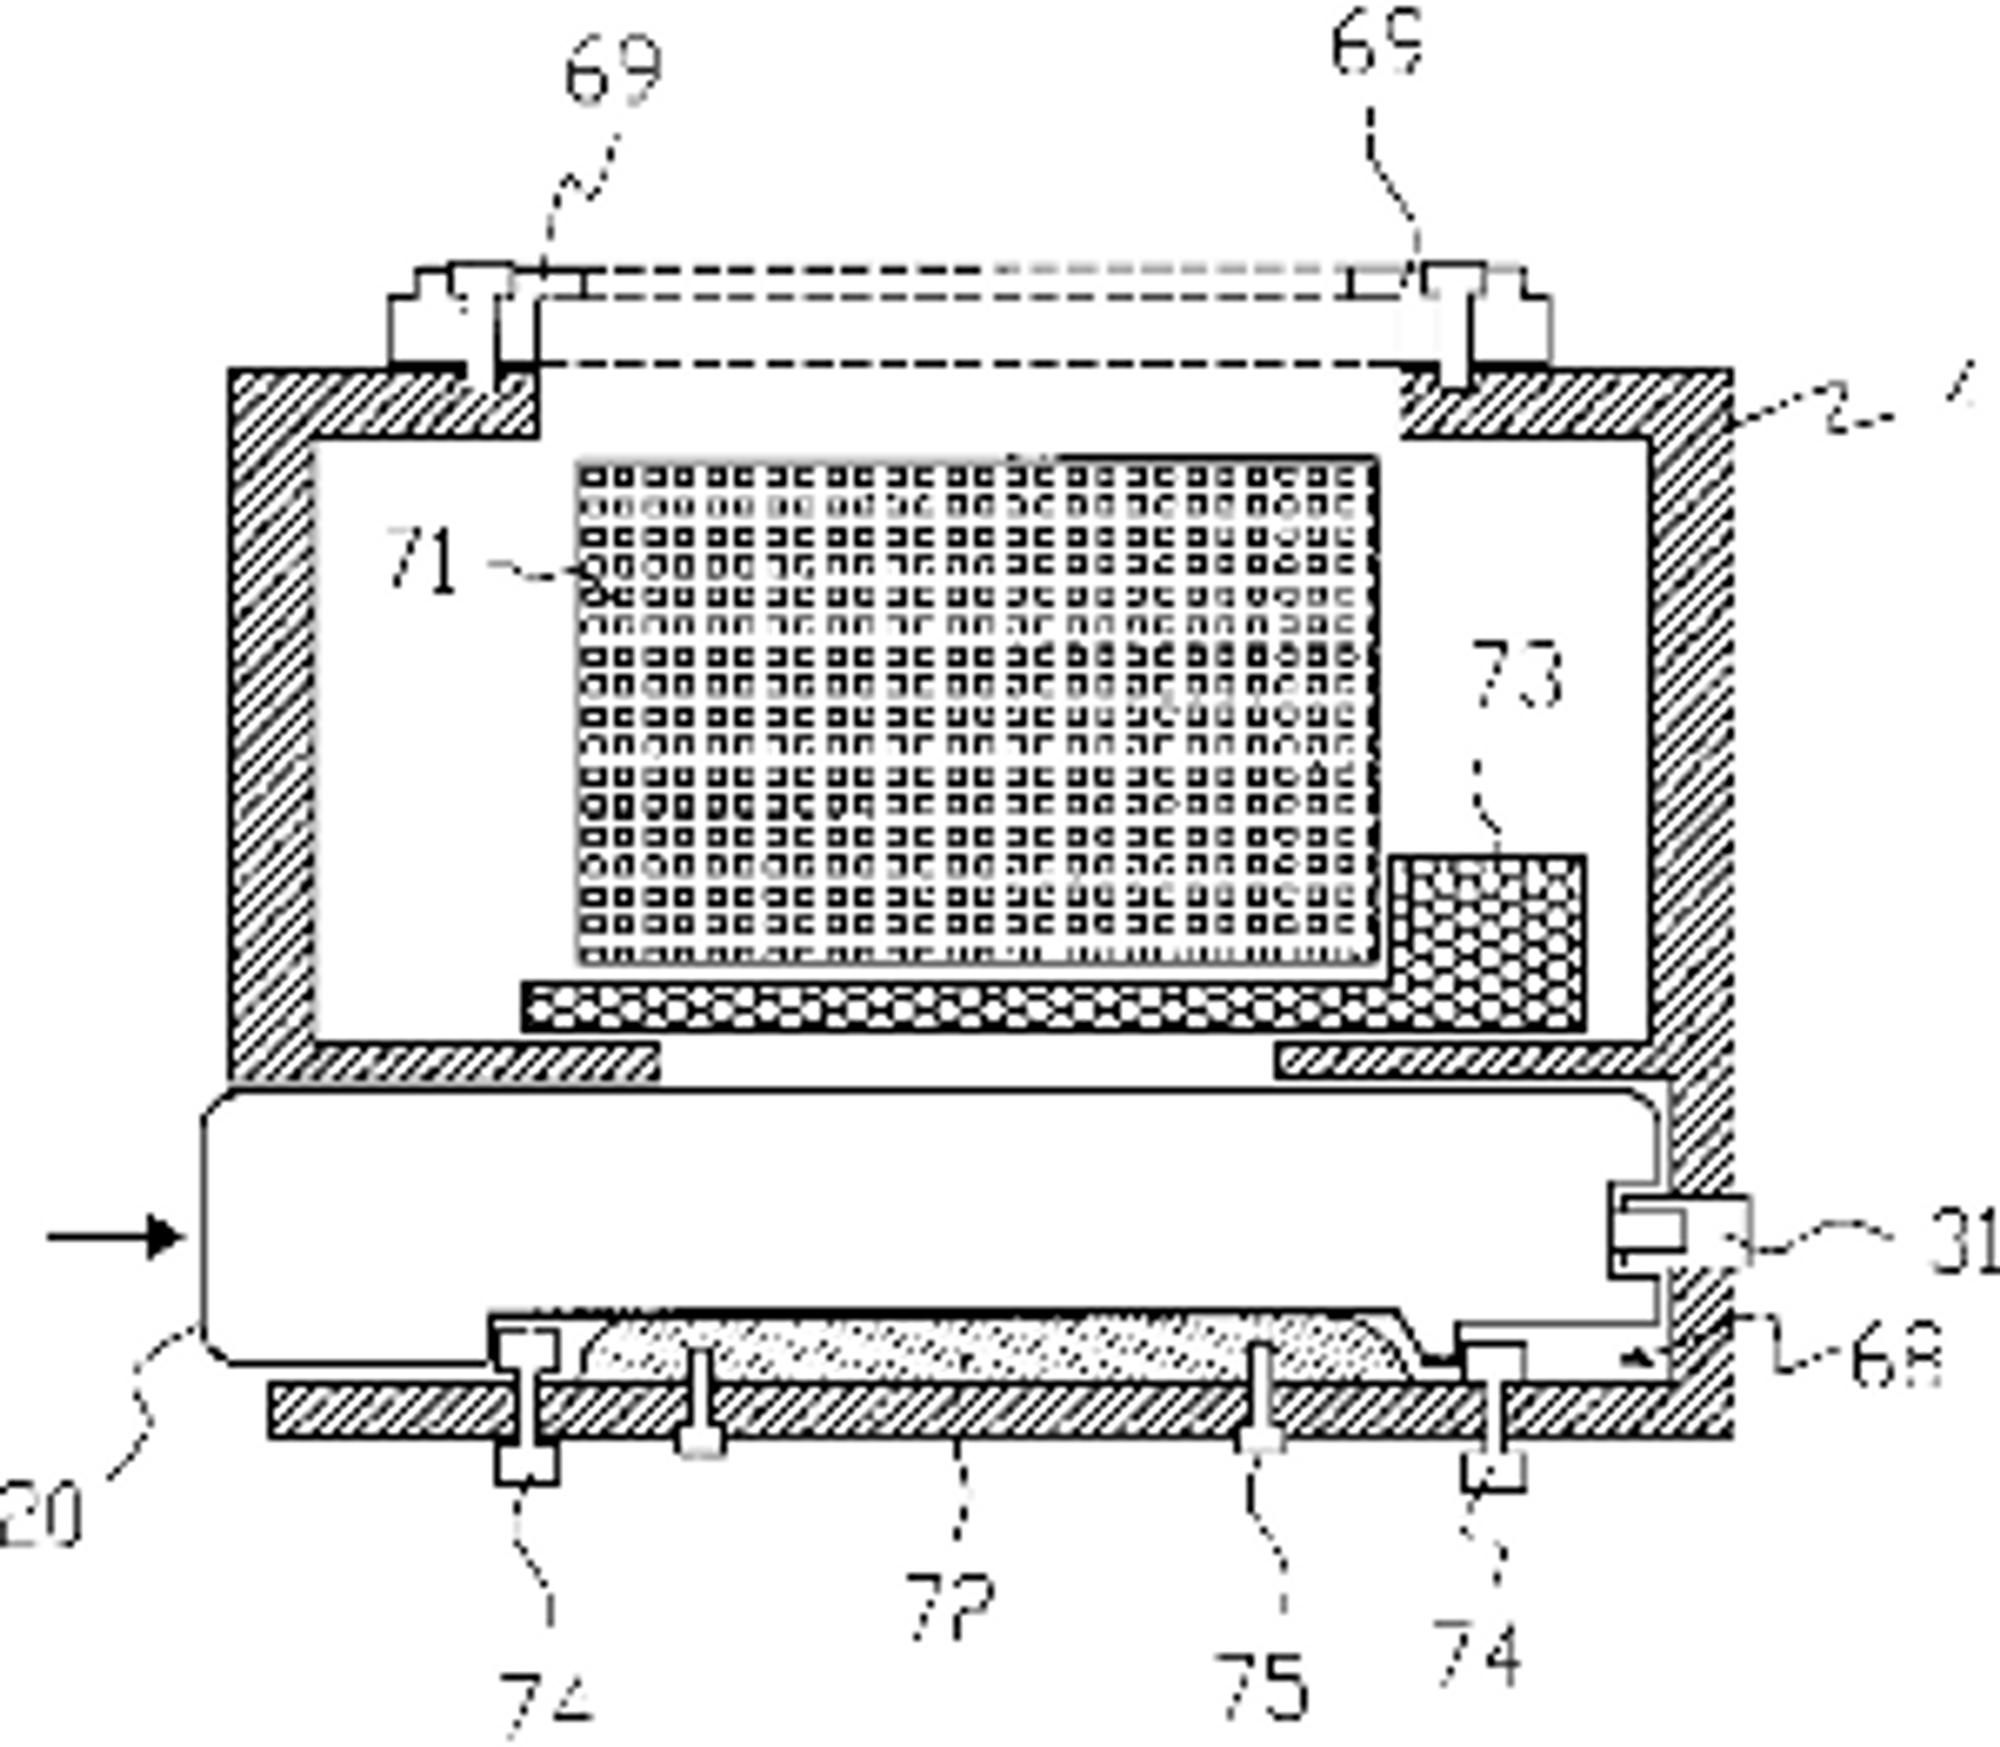 UTSKIFTBAR: Bildeenheten (20) som inneholder bildebrikken er ført inn kamerahuset (4). Speil (71) og lukkermekanisme (73) er på plass. ILLUSTRASJON: Patentsøknaden.